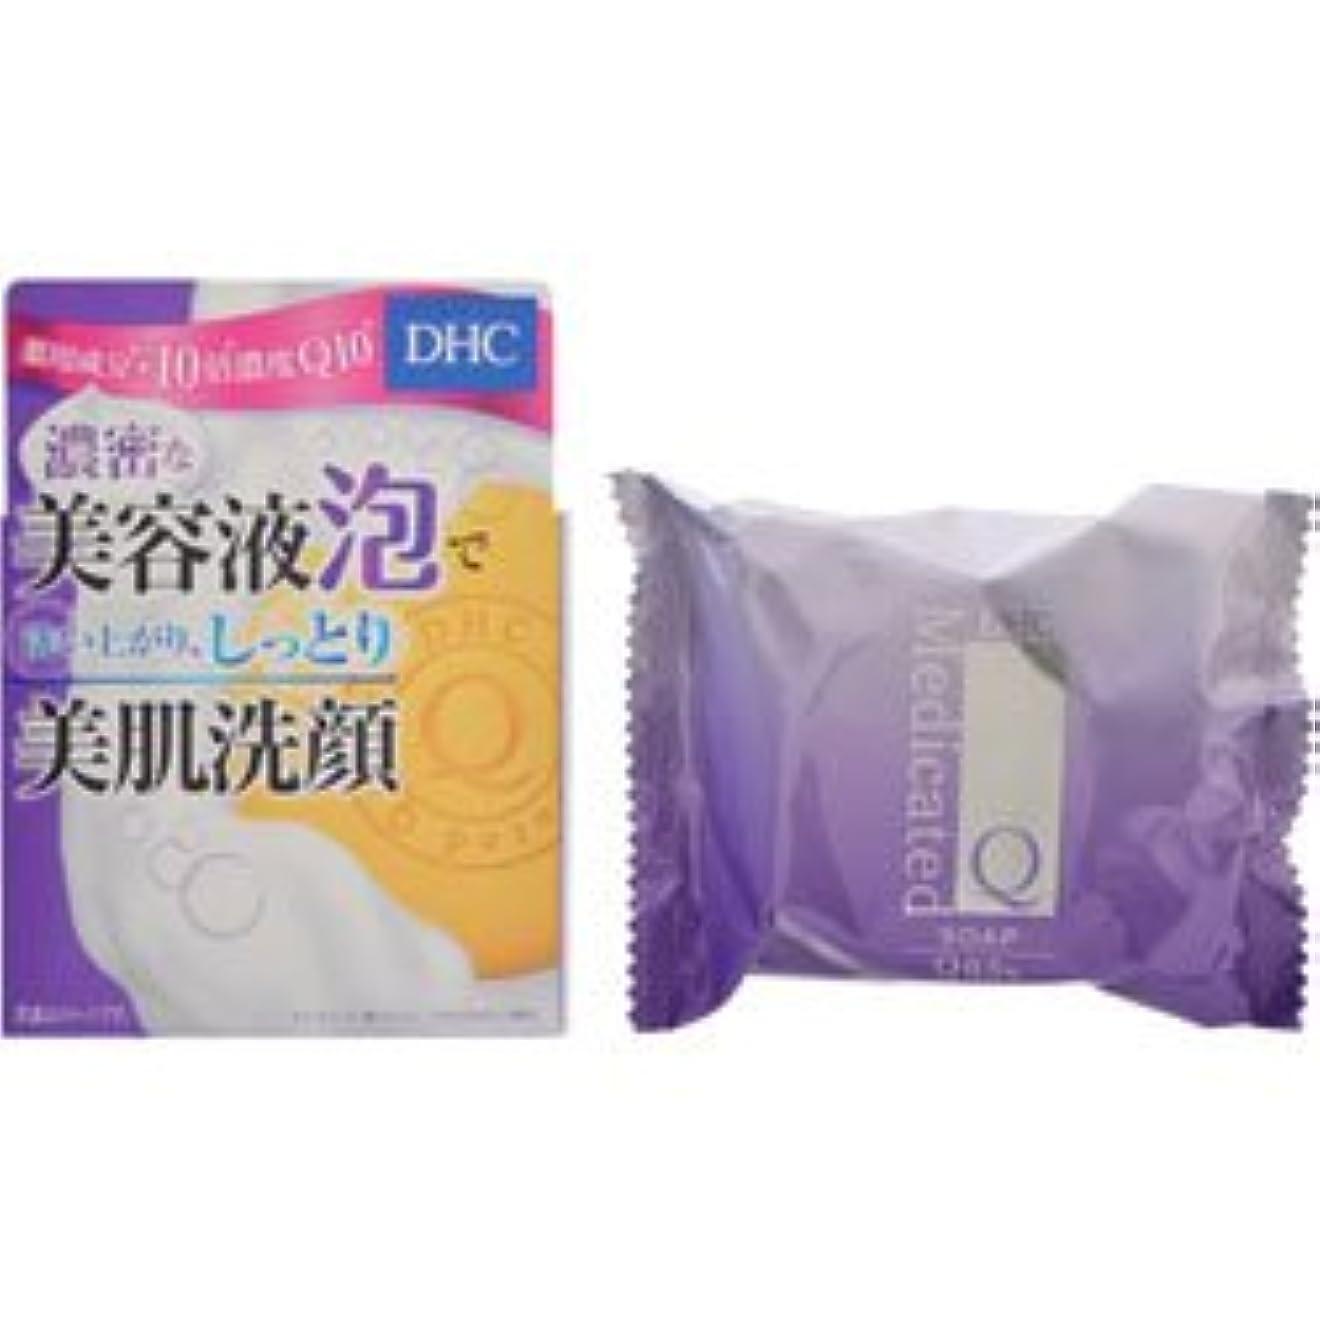 職人選挙拒否【DHC】DHC 薬用Qソープ SS 60g ×20個セット